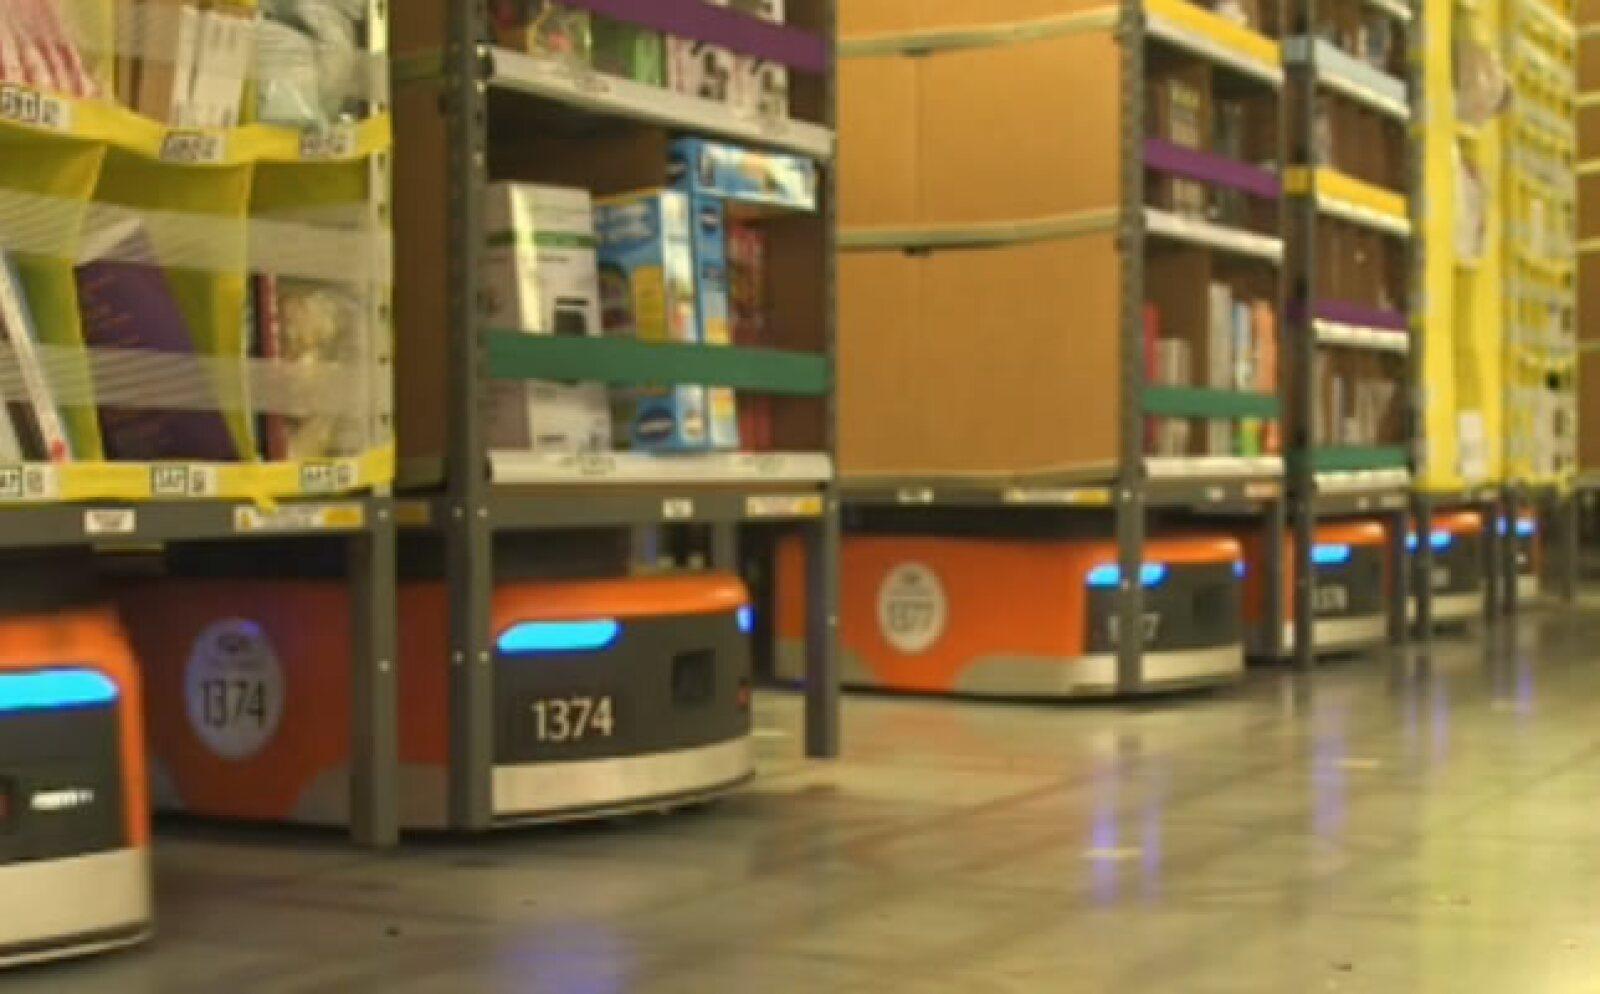 El centro cuenta con 3,000 robots Kiva responsables de trasladar y regresar las estanterías de los productos a las líneas de distribución